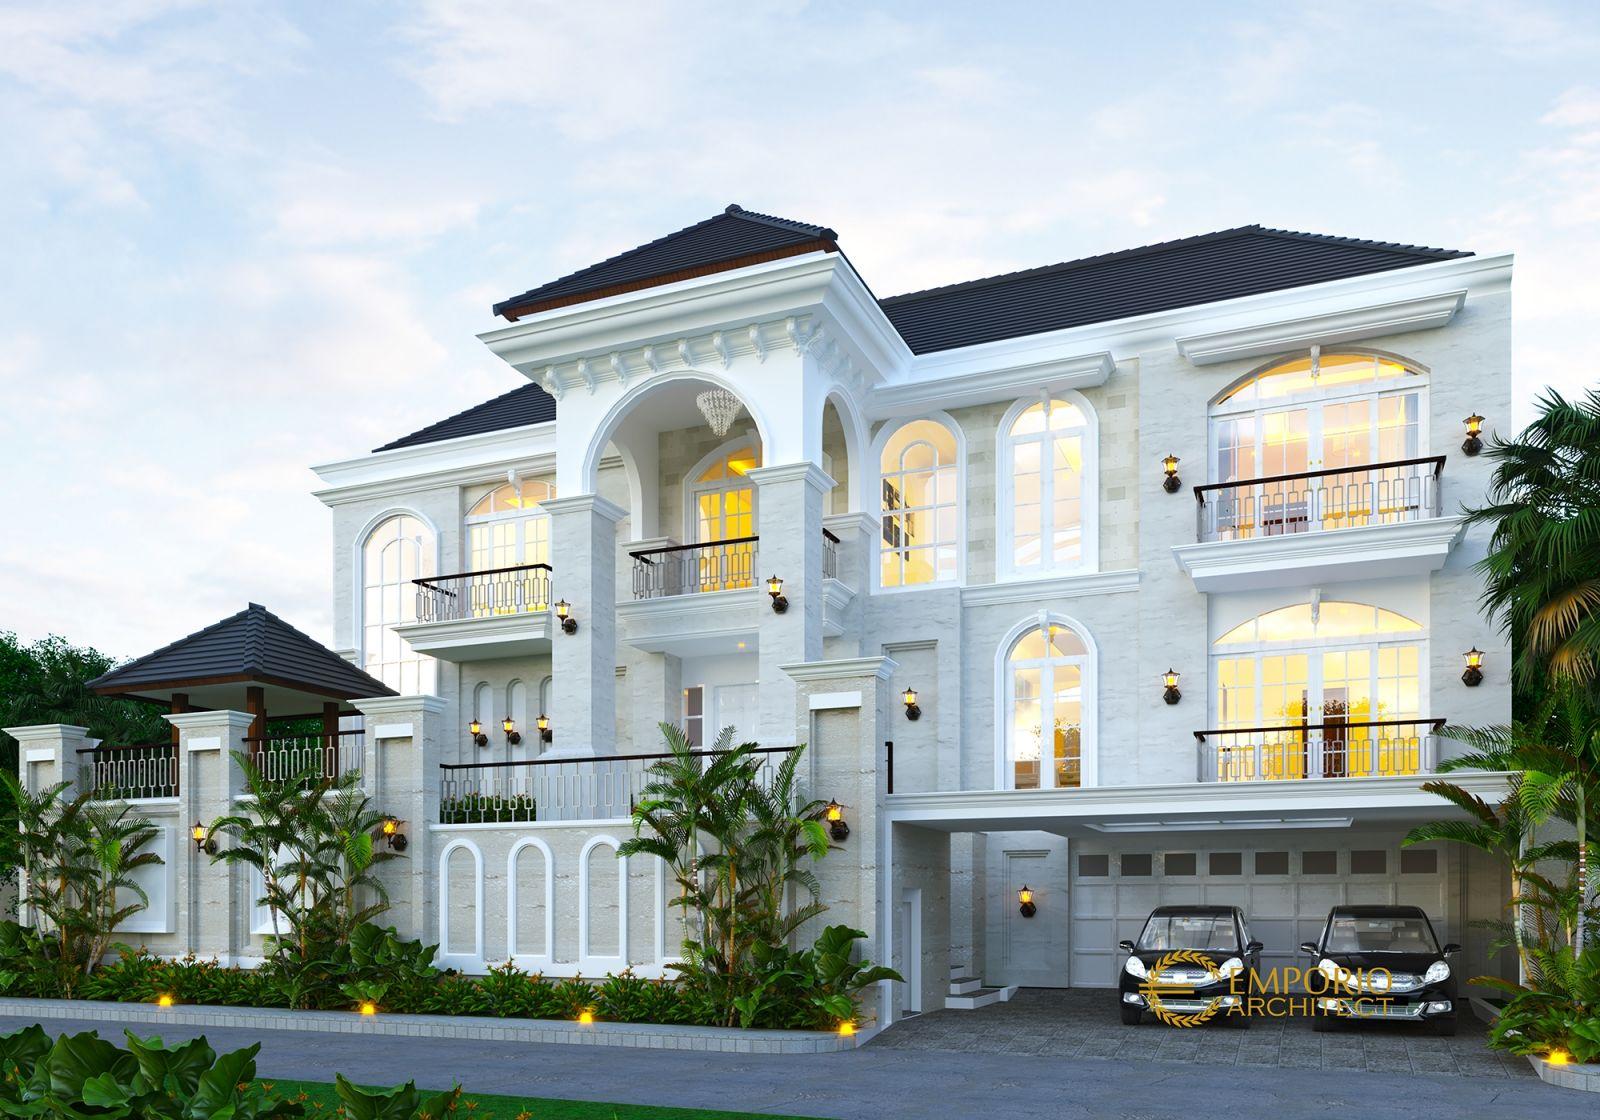 Jasa Arsitek Jakarta Desain Rumah Bapak Darwis Jasa Arsitek Desain Rumah Berkualitas Desain Villa Bali Modern Tropis Pr Desain Rumah Rumah Indah Home Fashion